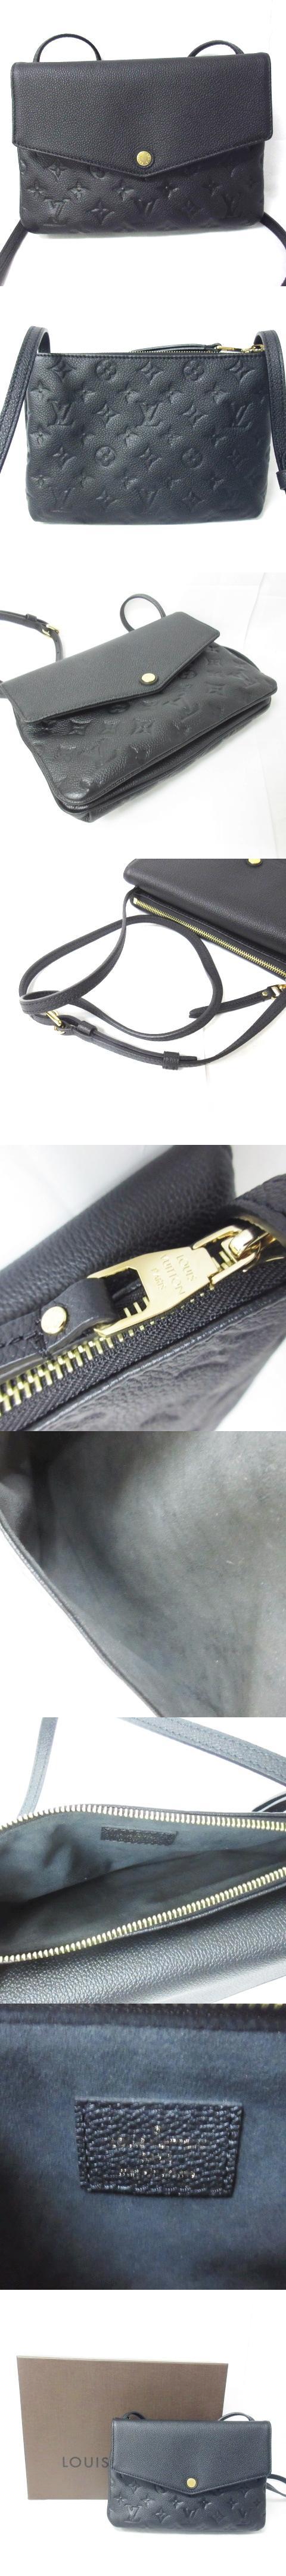 美品 ショルダー バッグ モノグラム アンプラント トワイス M50258 ポシェット 型押し レザー 斜めがけ ブラック 黒 0414